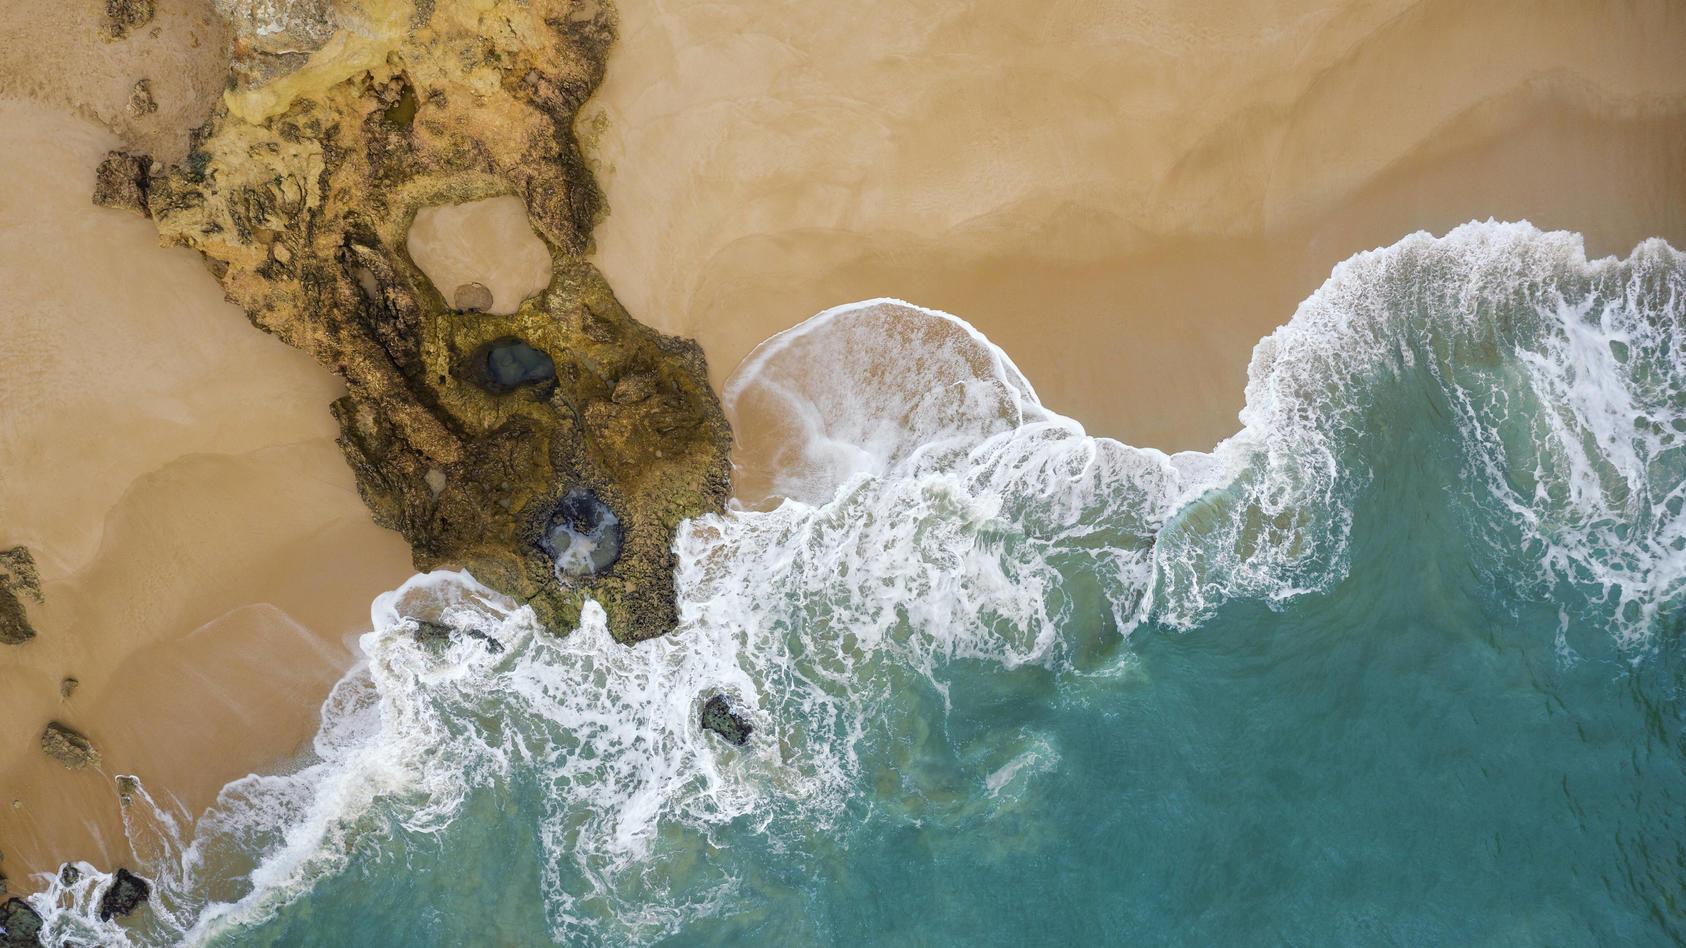 Die Algarve ist ein beliebtes Urlaubsziel - doch auch dort greifen trotz niedriger Inzidenz jetzt die strengen Regelungen aufgrund der Delta-Variante.